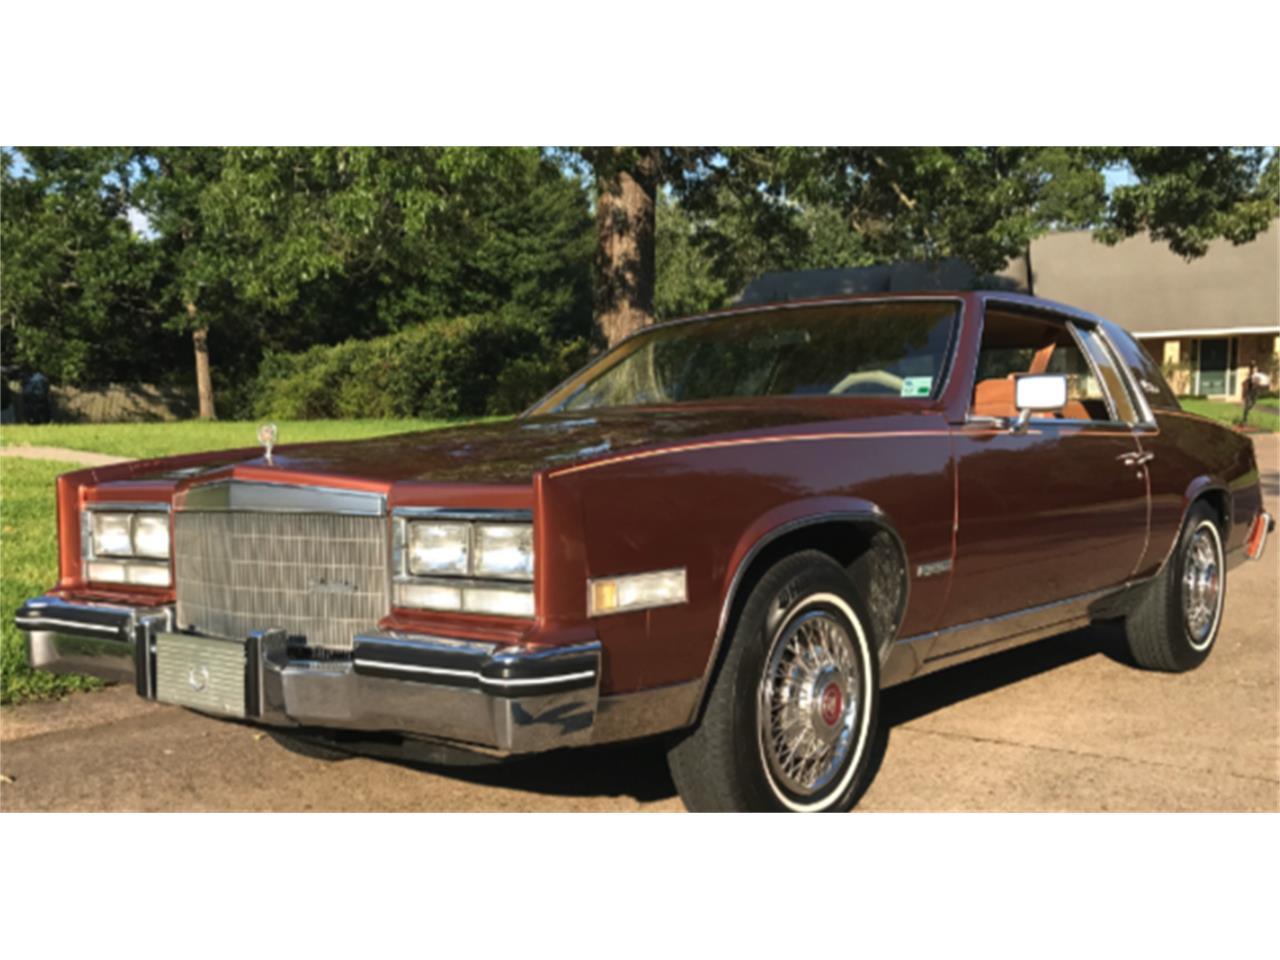 1983 cadillac eldorado for sale classiccars com cc 1009868 1983 cadillac eldorado for sale